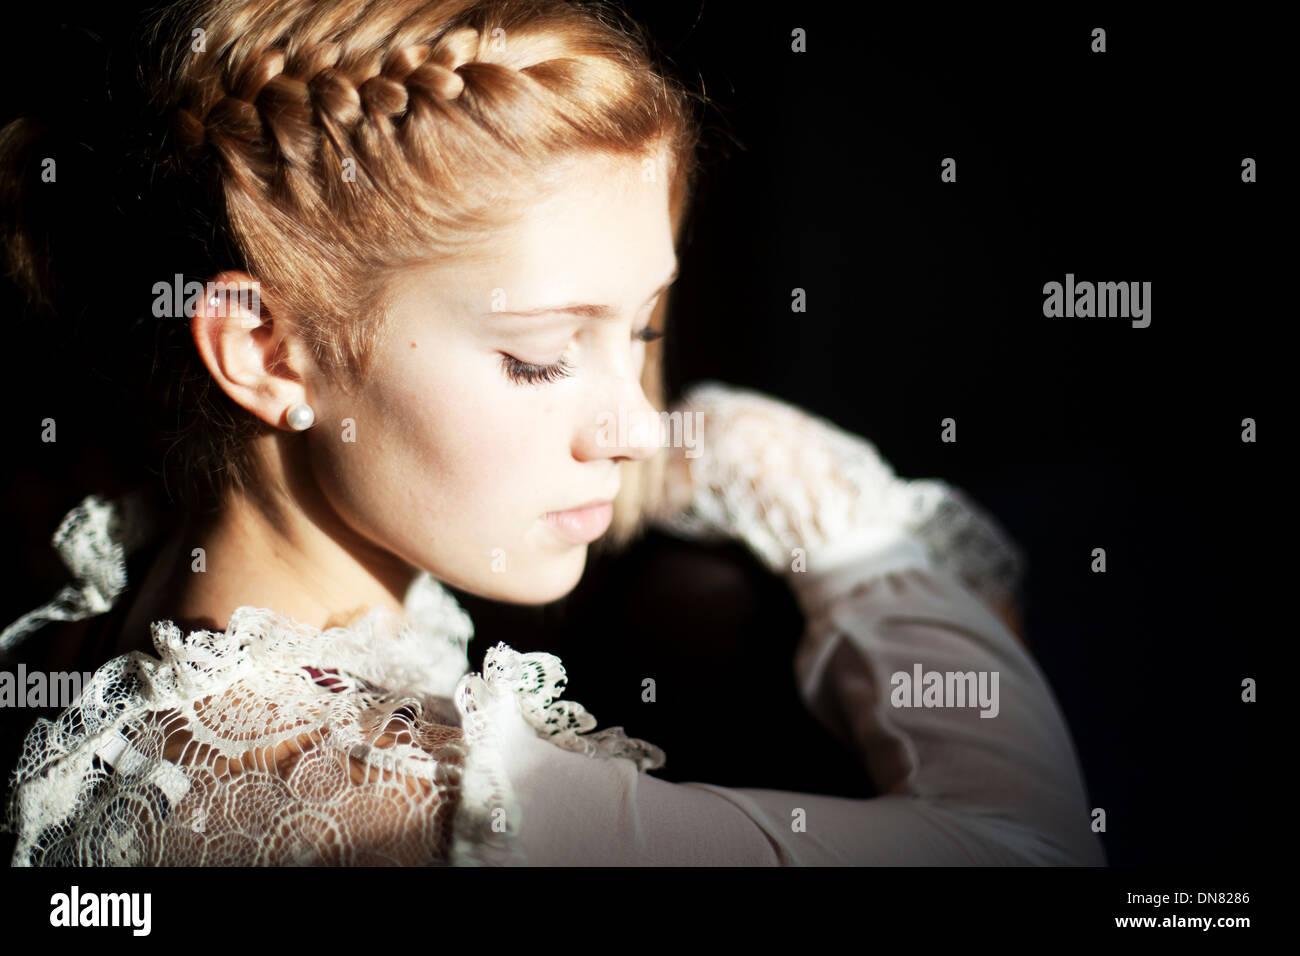 Porträt einer jungen Frau, Licht und Schatten Stockbild